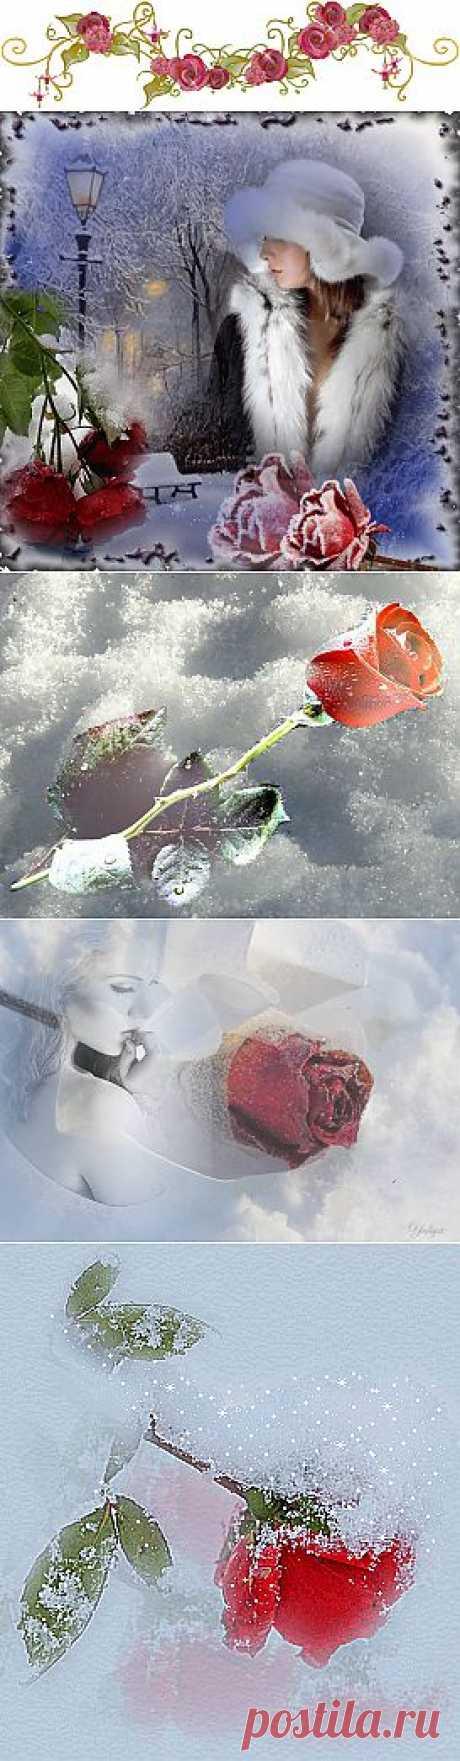 Плейкаст «Лежали розы на снегу...»